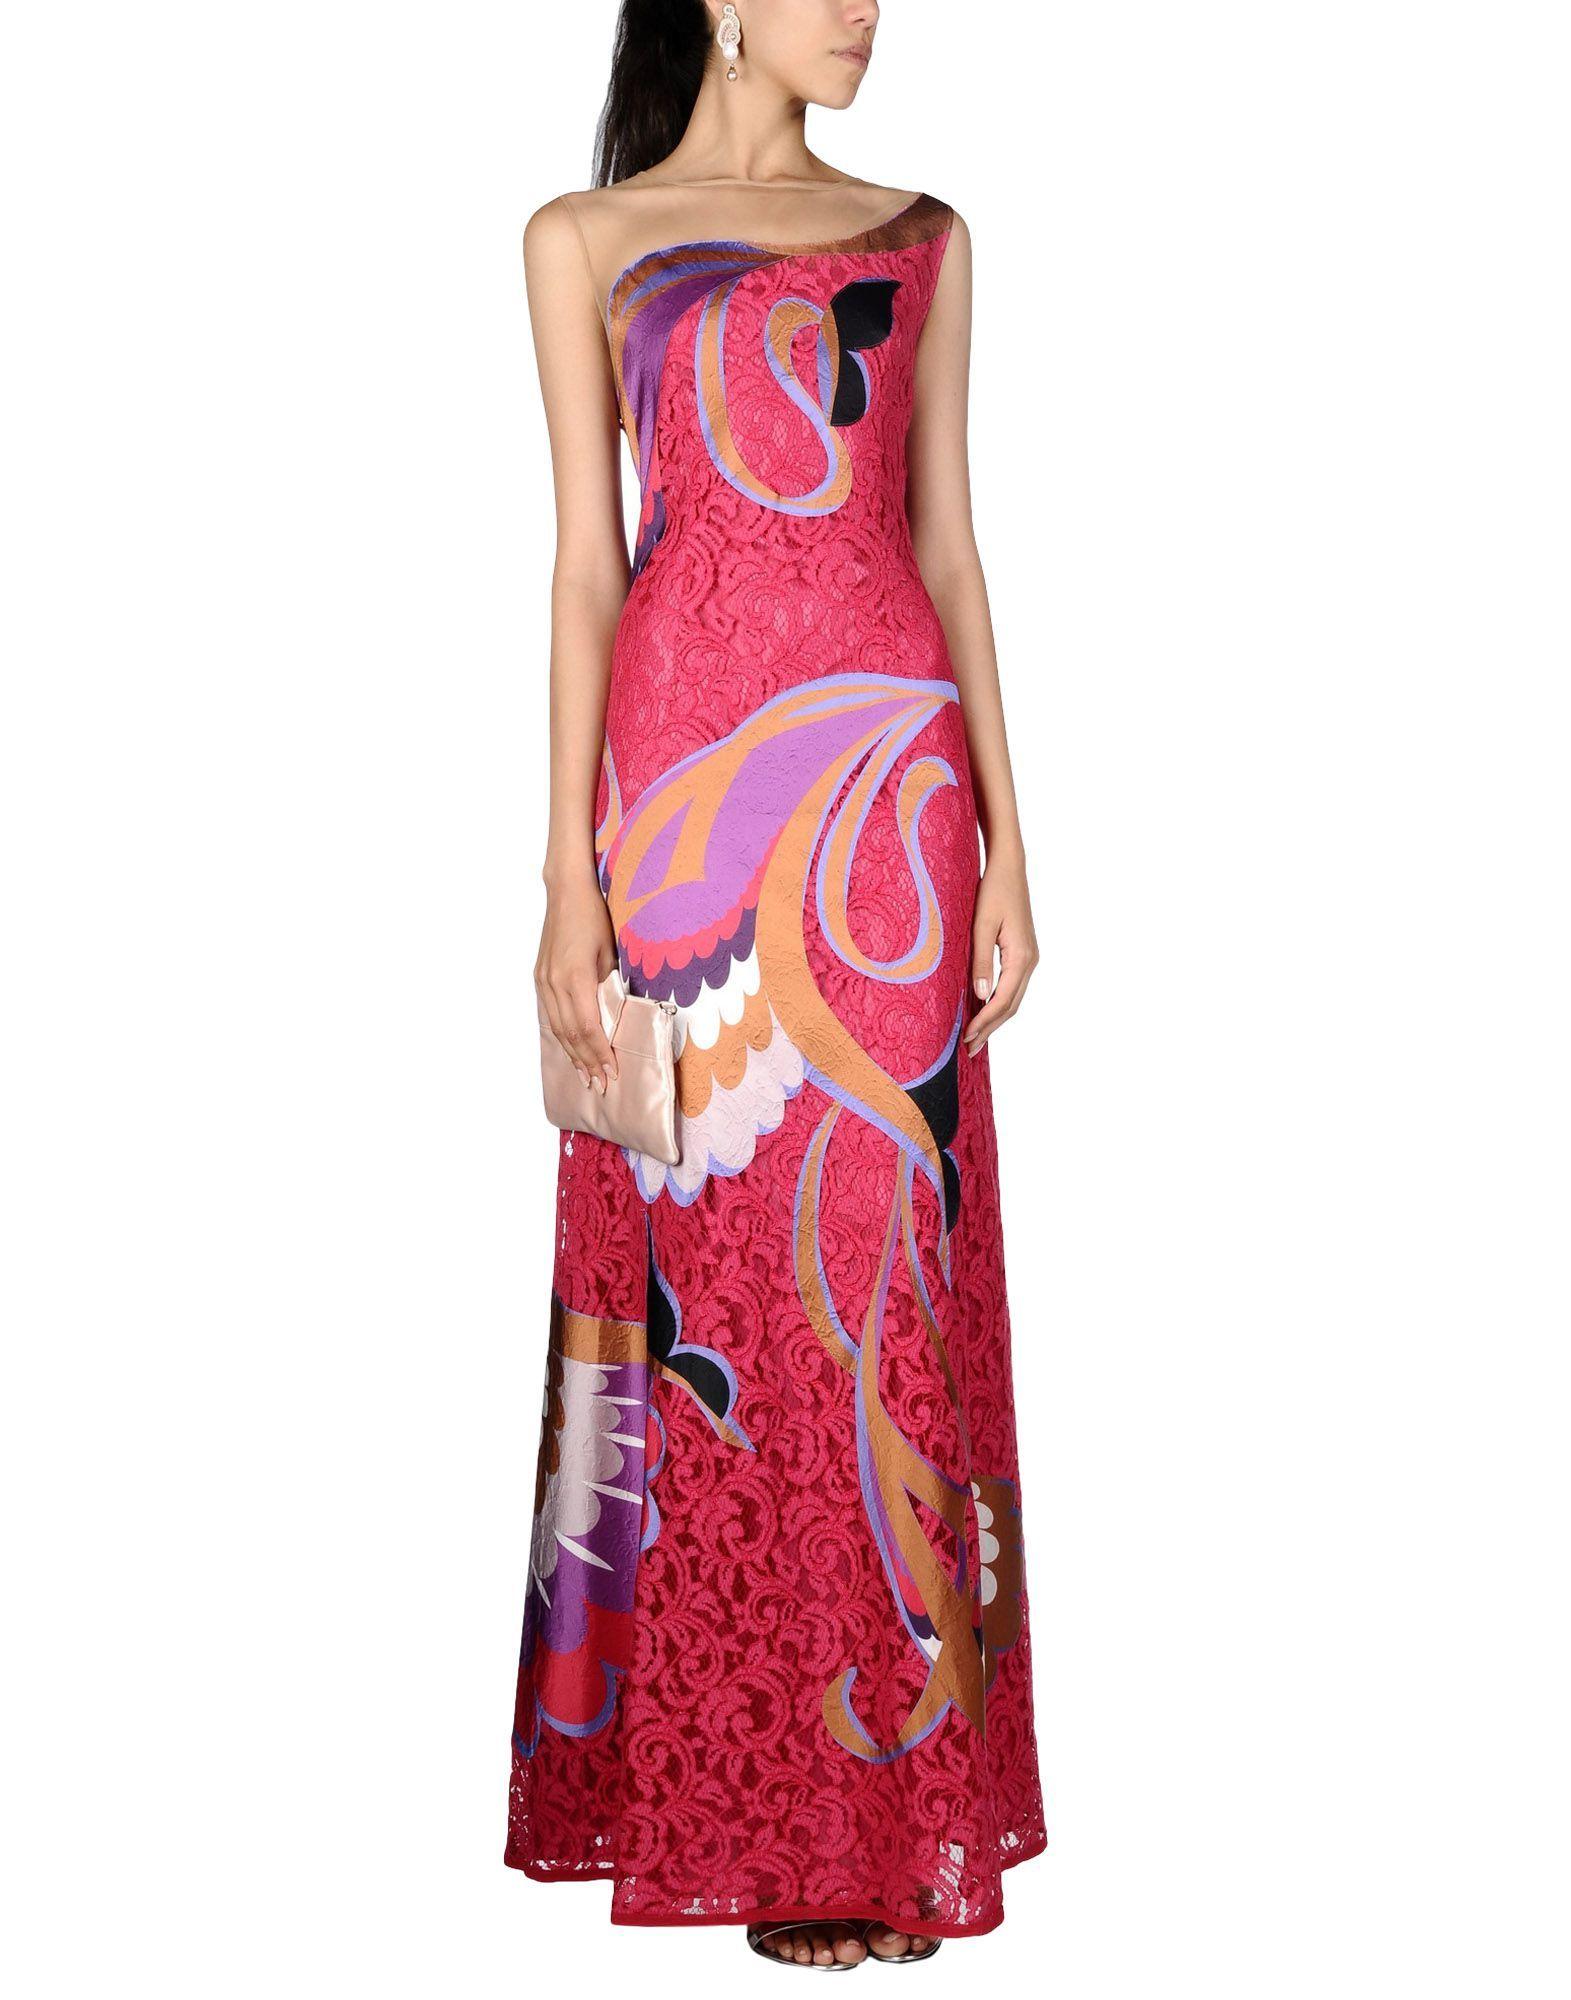 Alberta Ferretti Fuchsia Pattern Tulle And Lace Sleeveless Dress